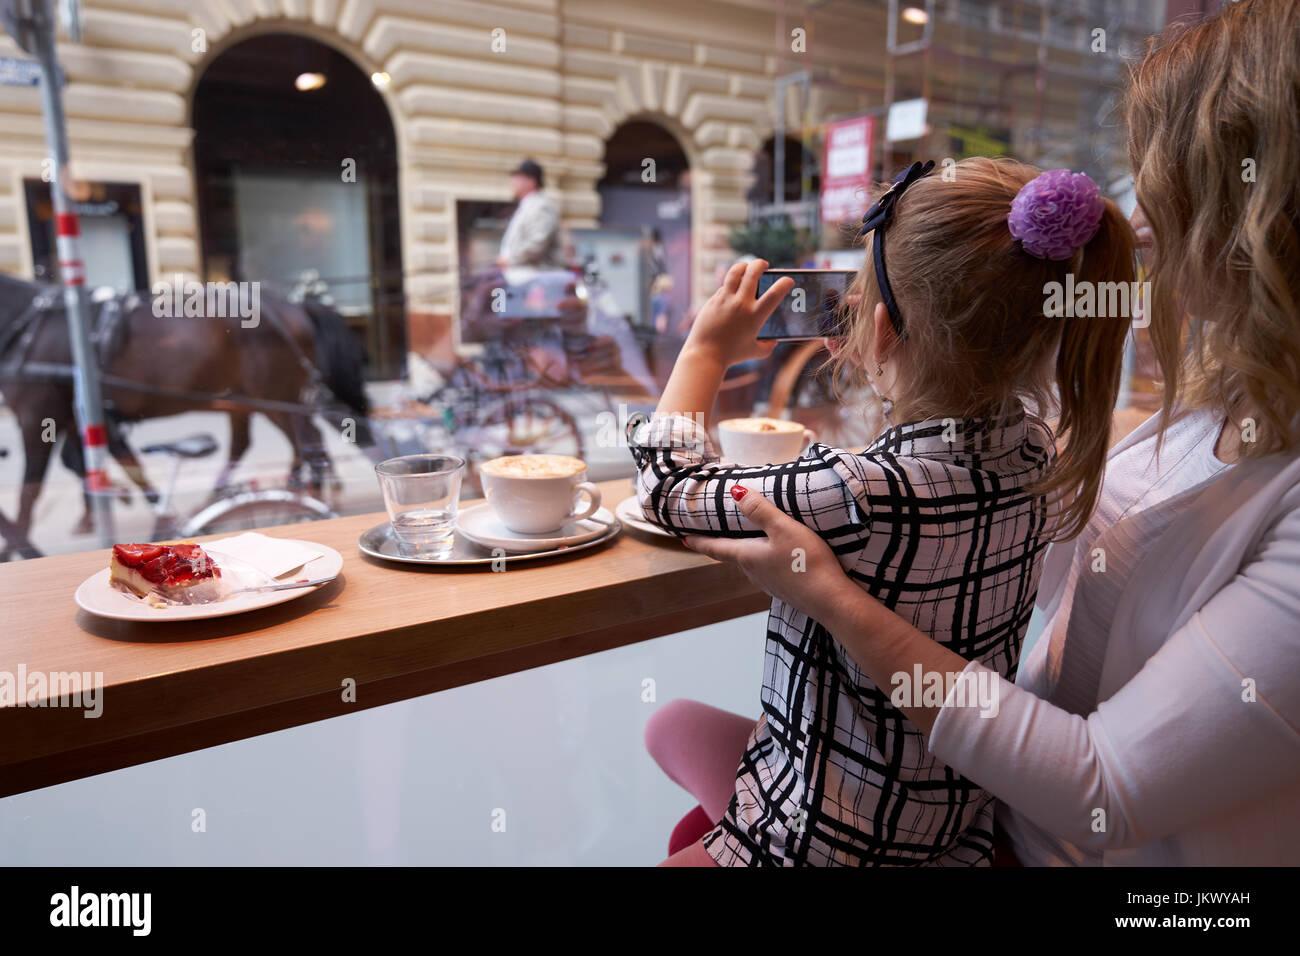 La joven madre e hija de pasar tiempo en el cafe y hacer fotos Imagen De Stock